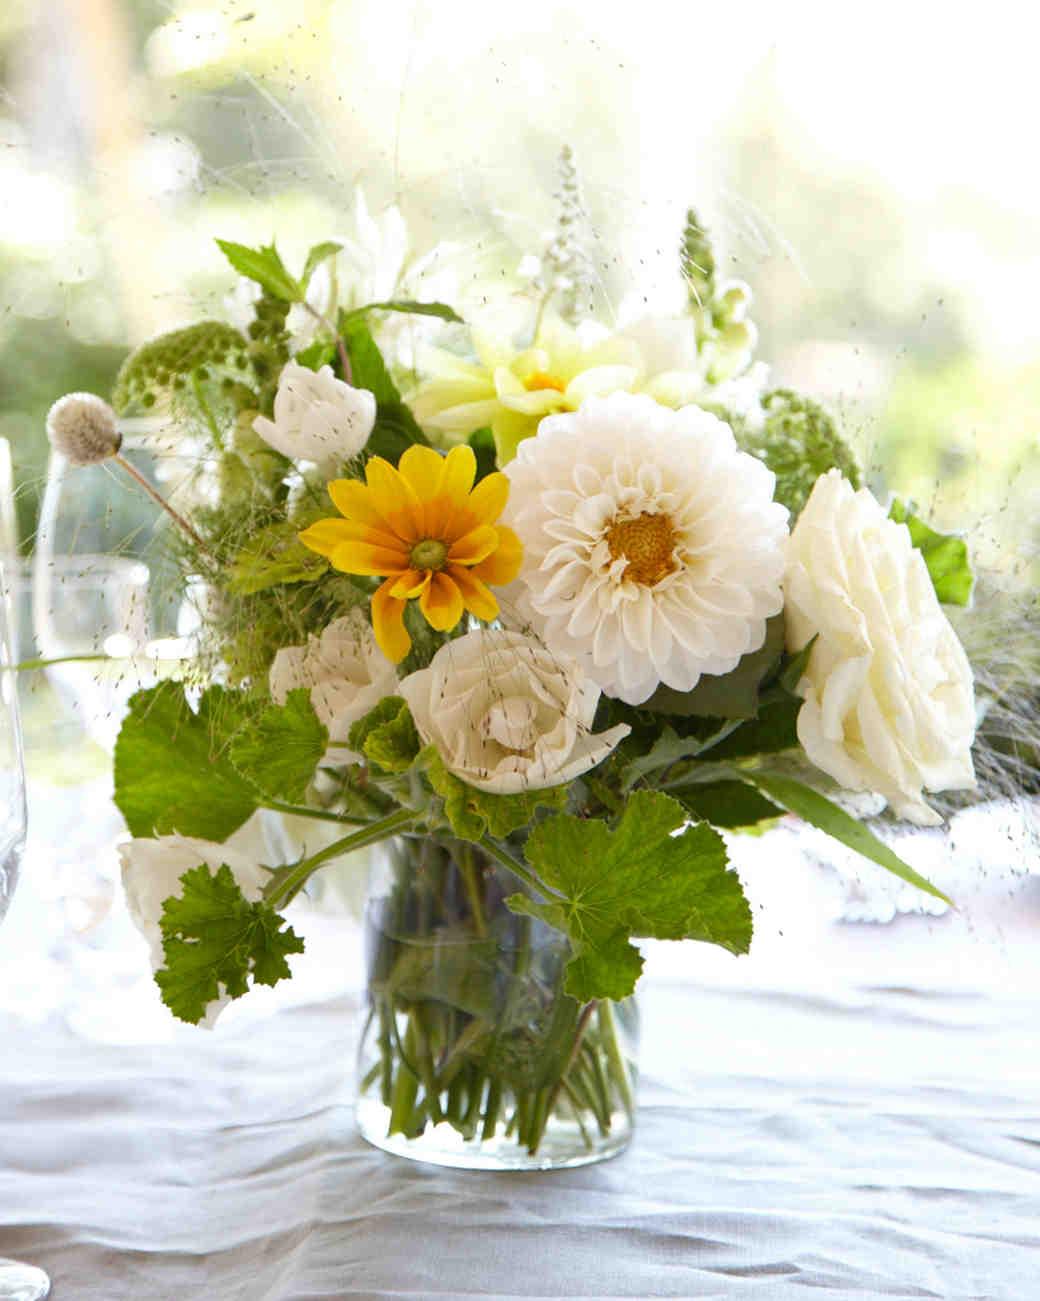 36 simple wedding centerpieces martha stewart weddings rh marthastewartweddings com simple wedding centerpiece ideas pinterest simple wedding table centerpiece ideas